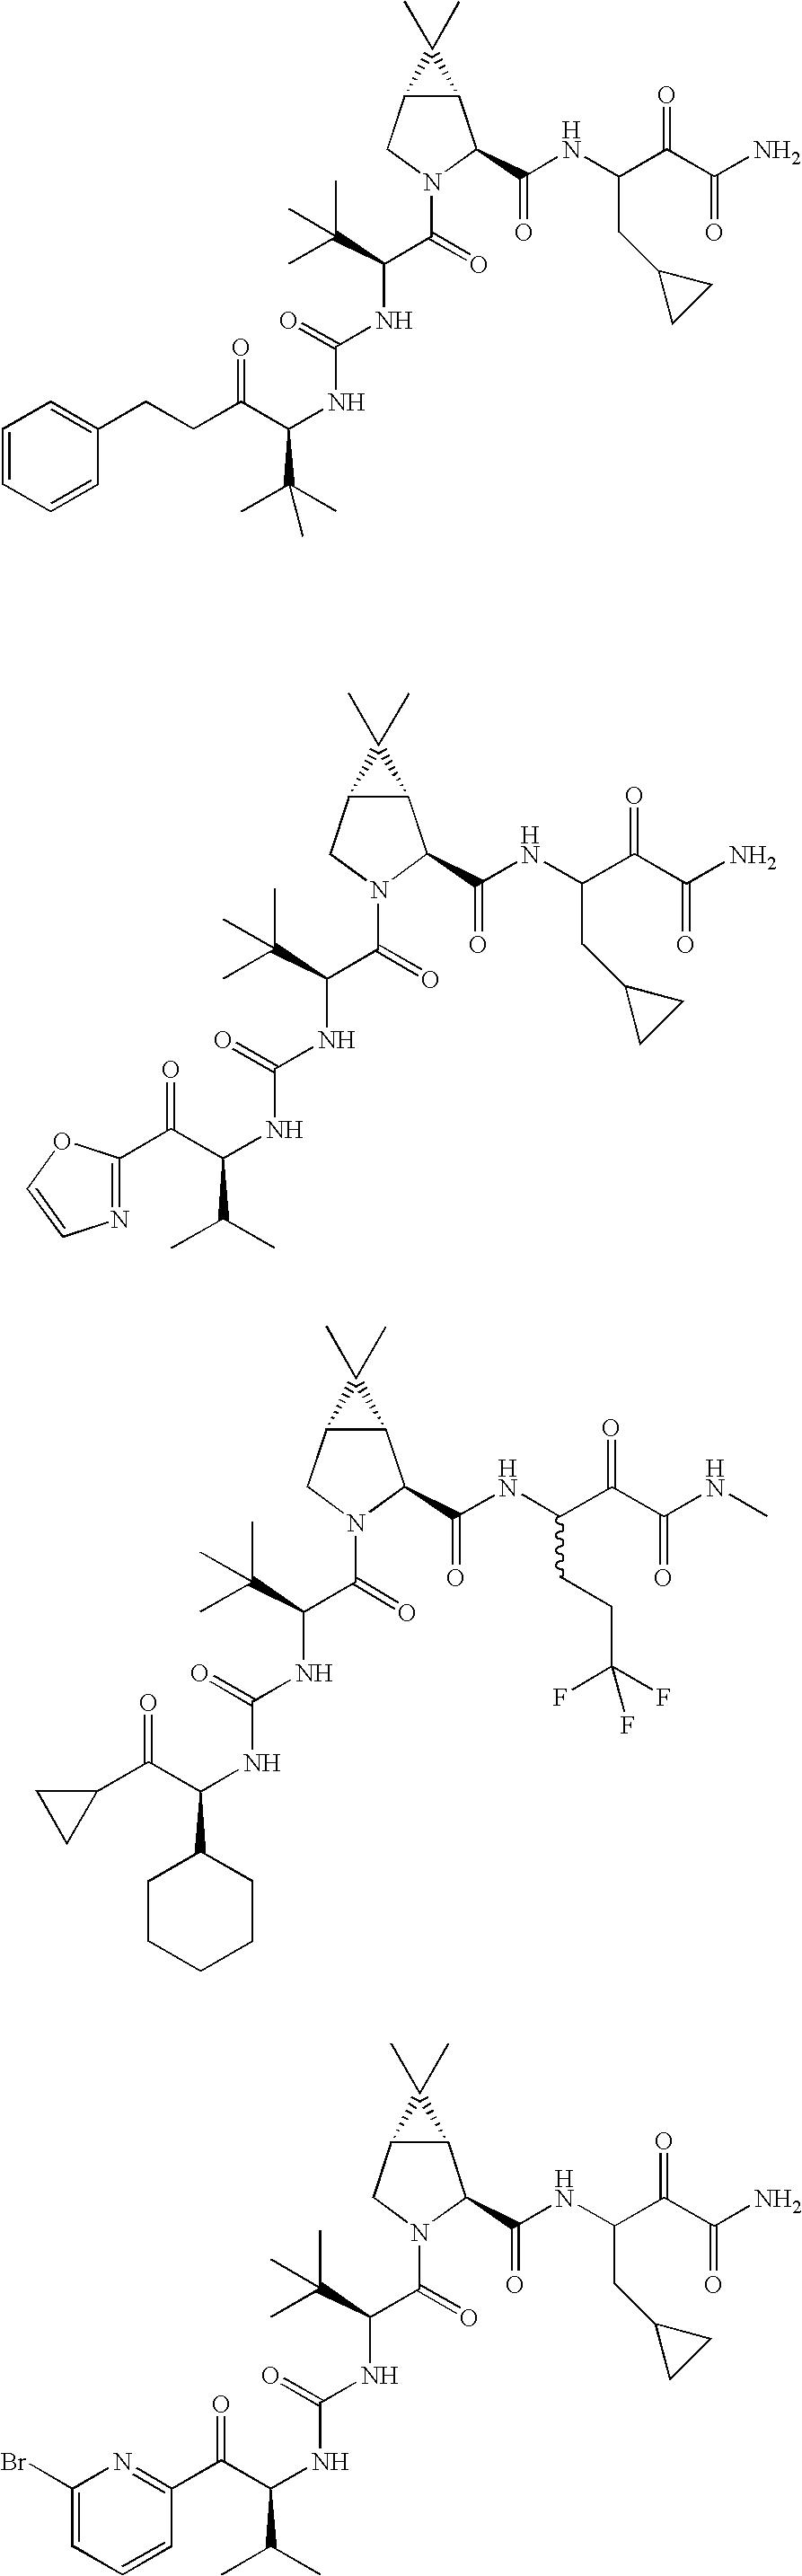 Figure US20060287248A1-20061221-C00231